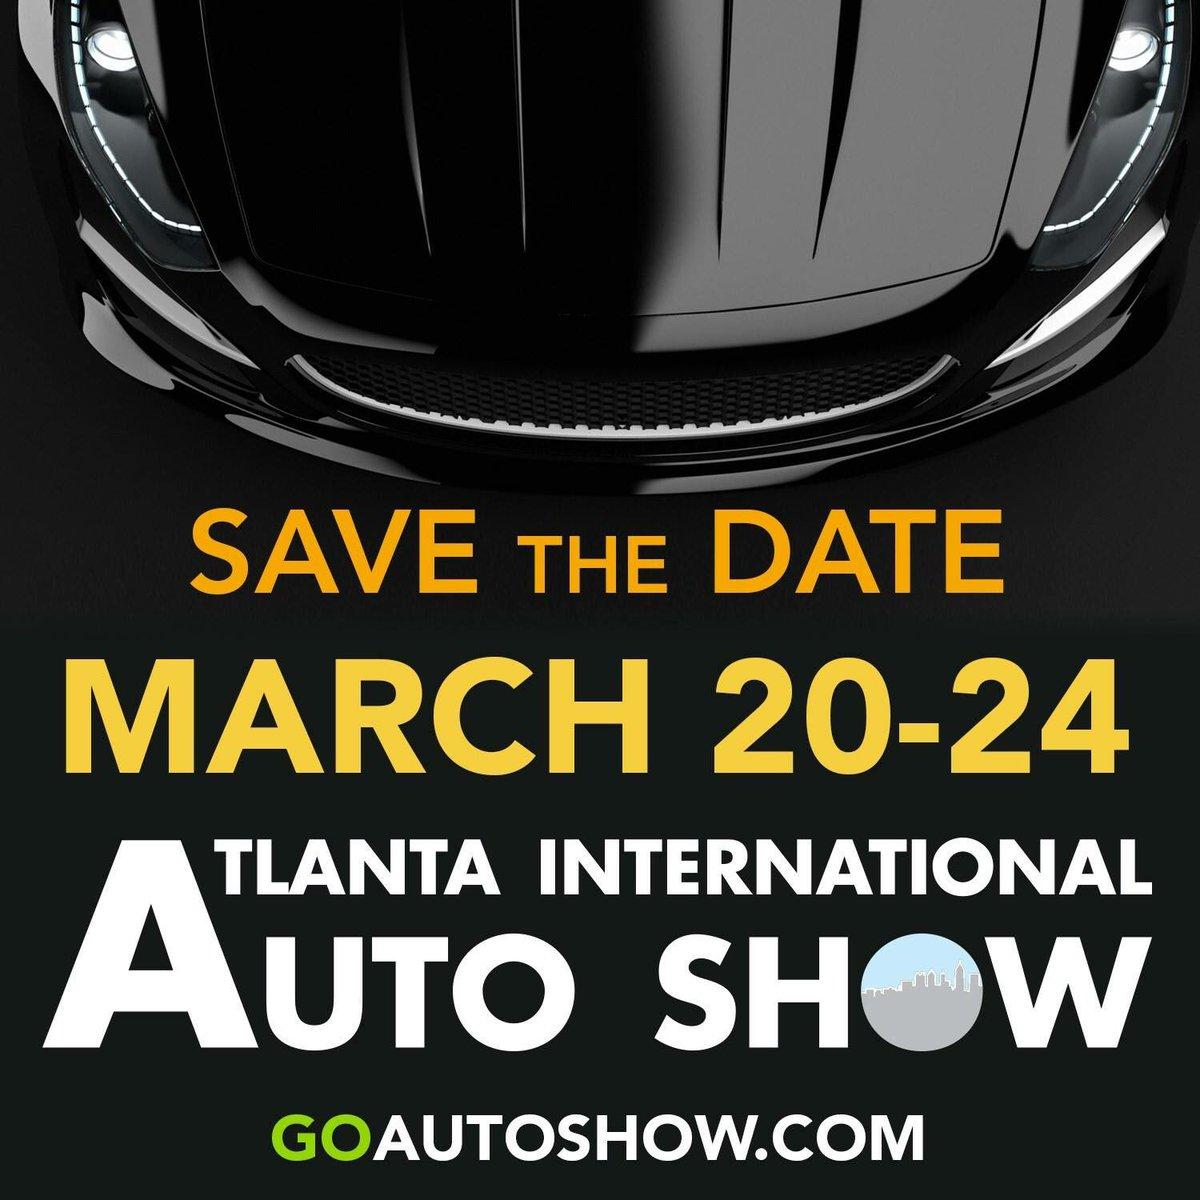 Aias On JumPiccom - Car show world congress center atlanta